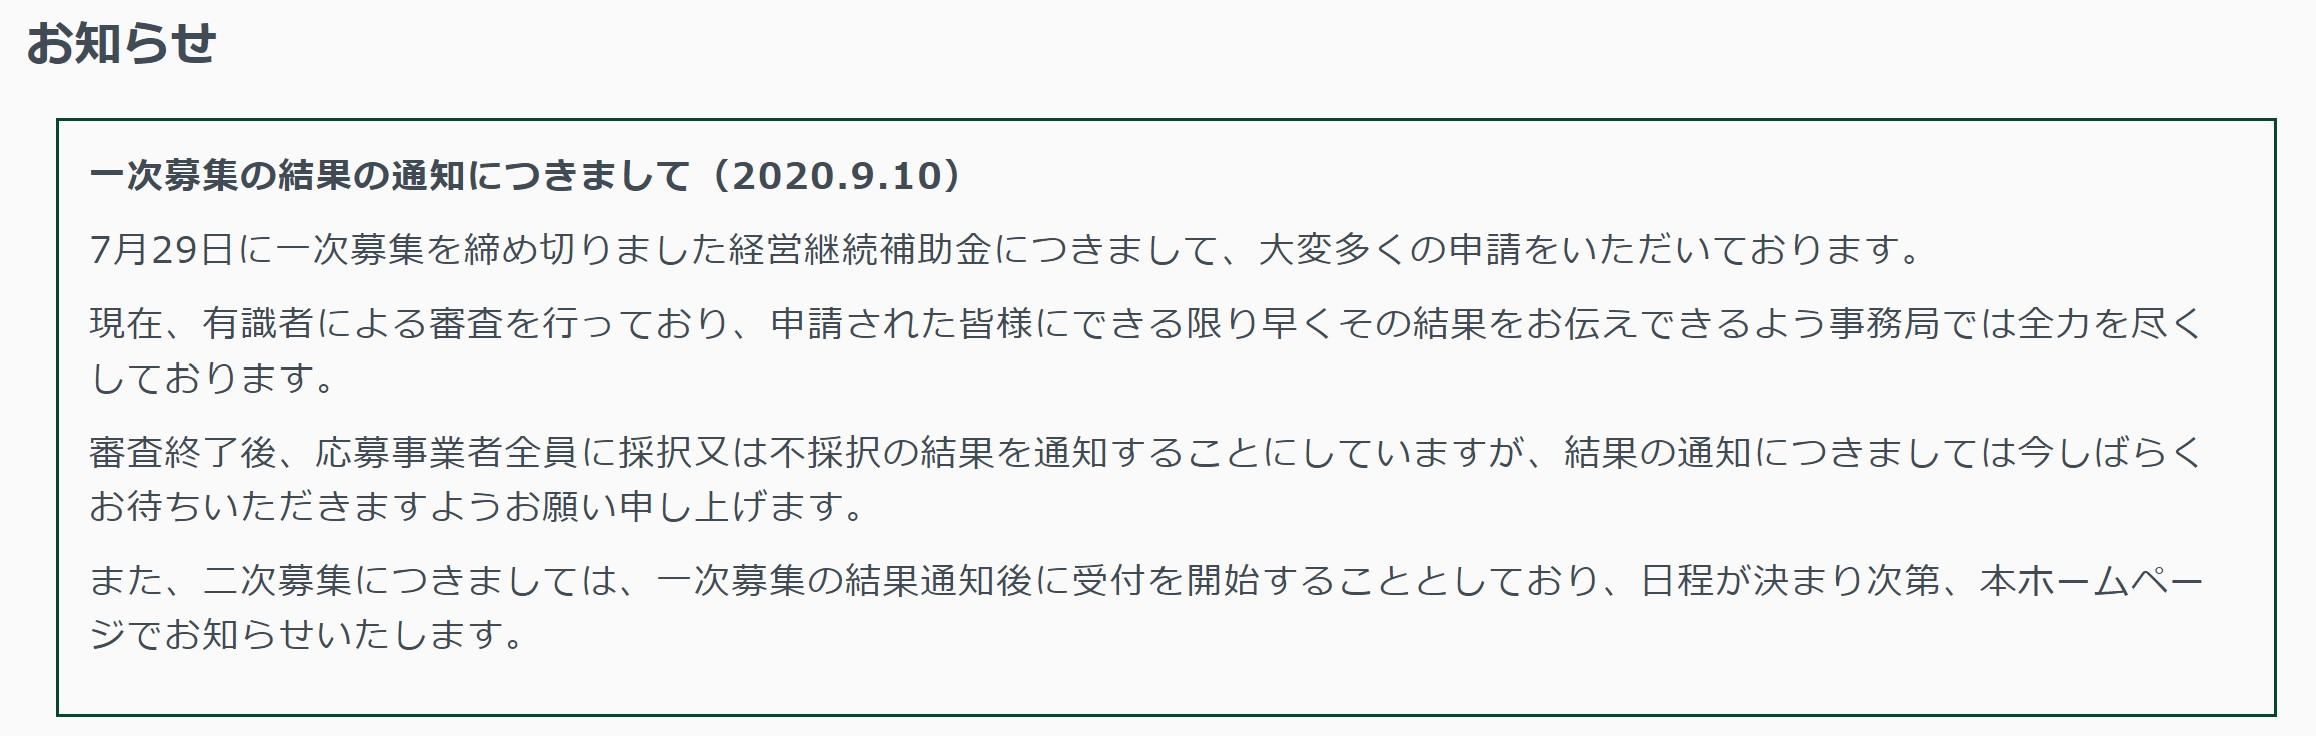 経営継続補助金お知らせ